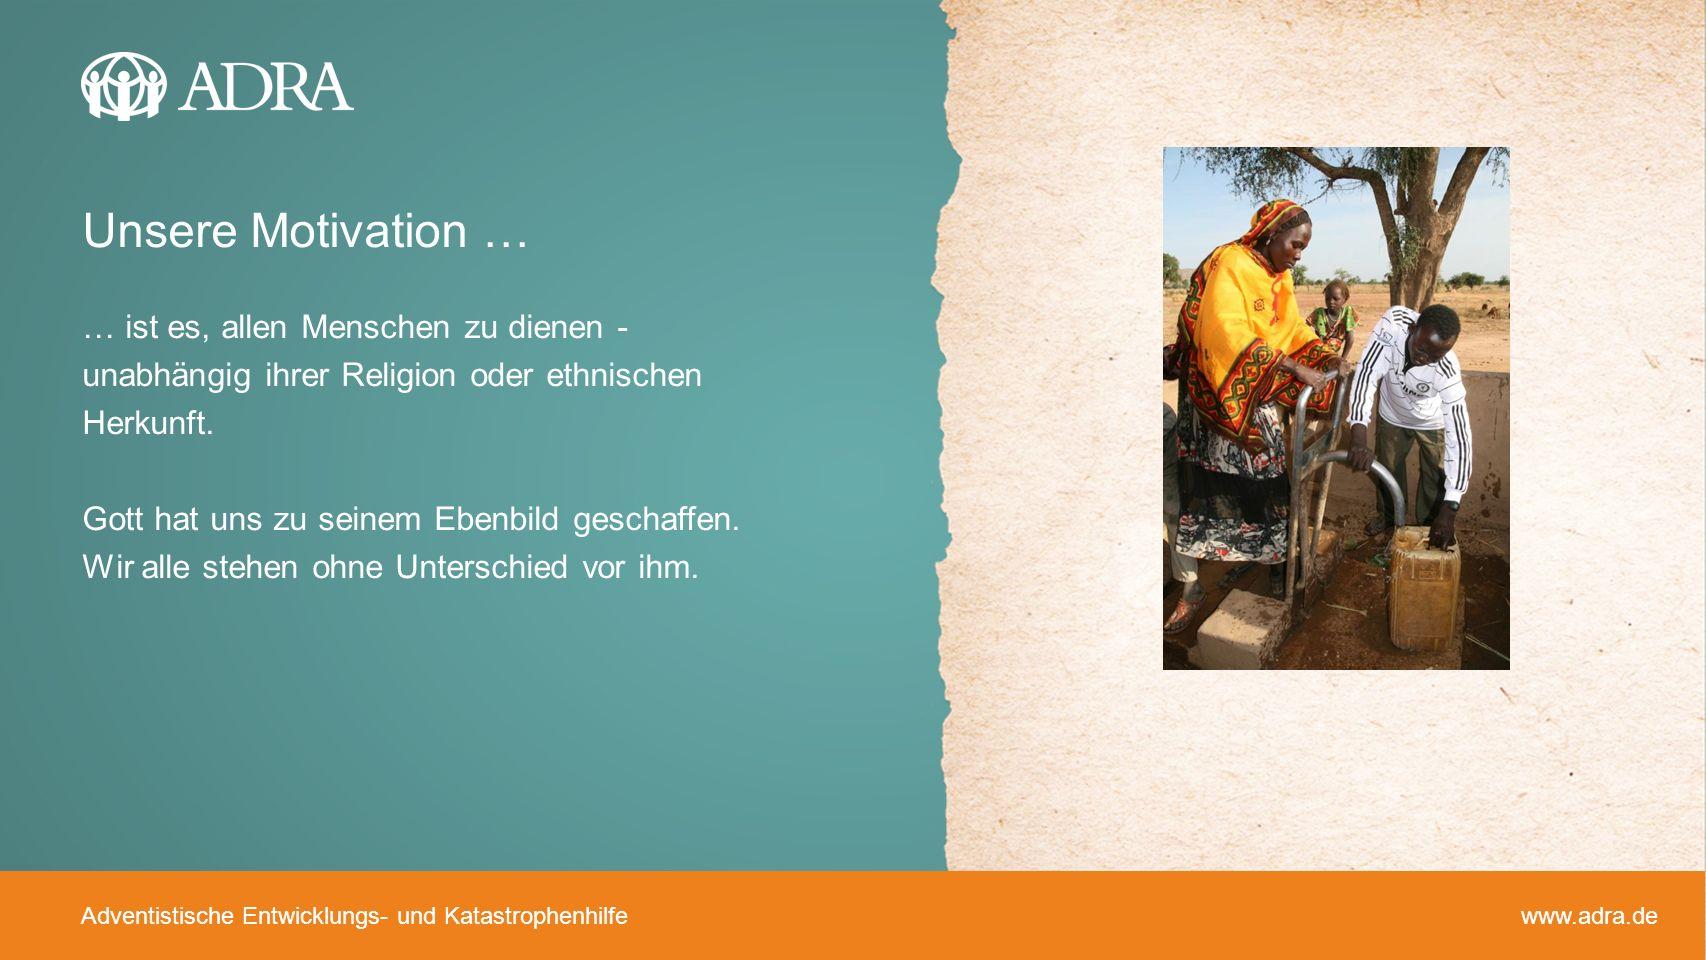 Adventistische Entwicklungs- und Katastrophenhilfe www.adra.de … ist es, allen Menschen zu dienen - unabhängig ihrer Religion oder ethnischen Herkunft